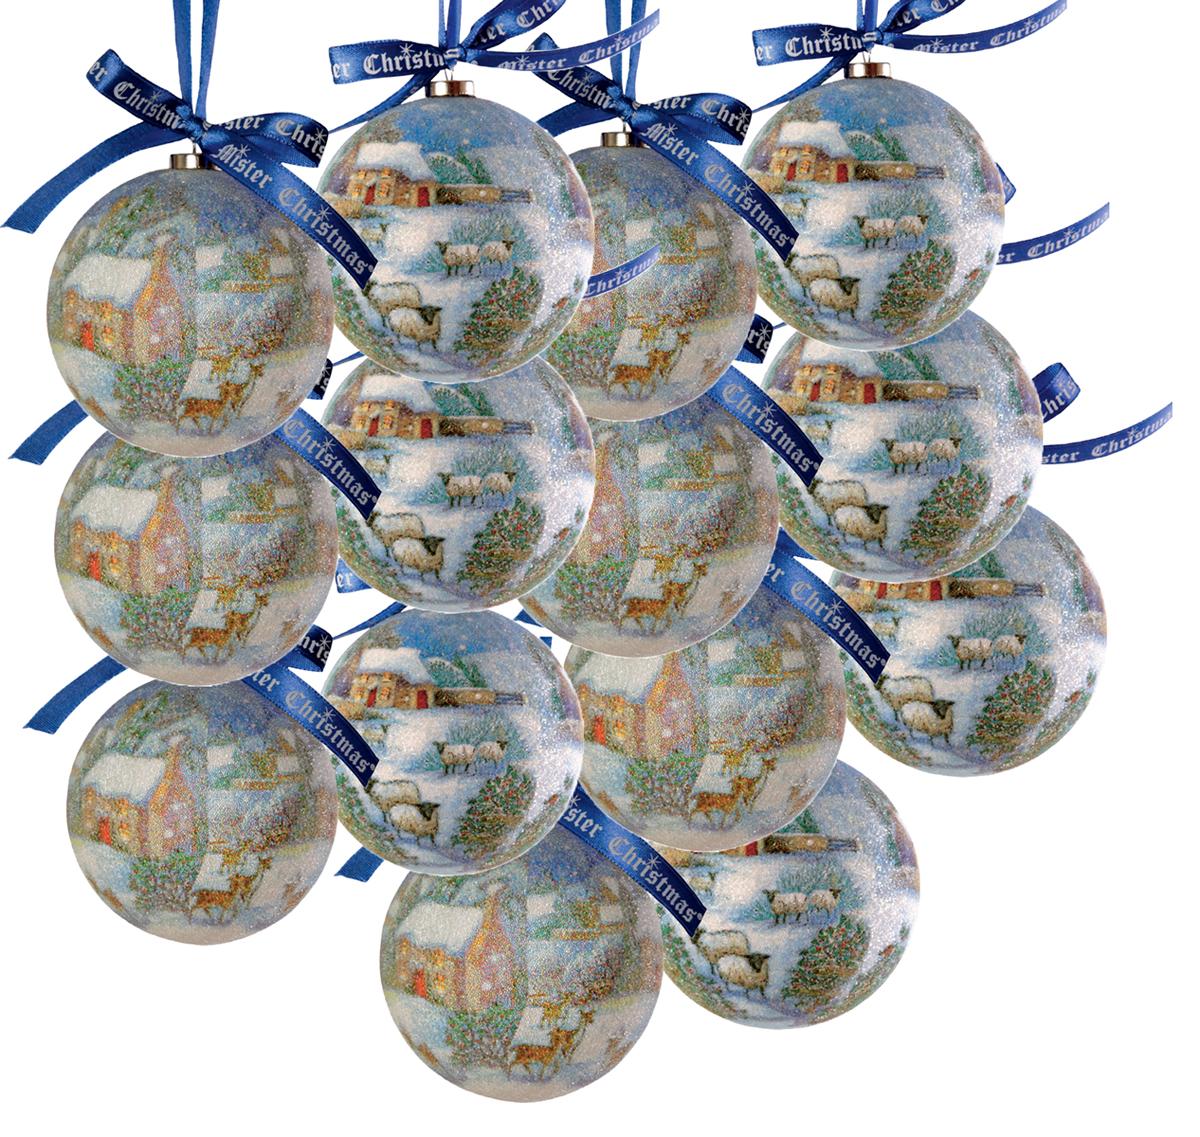 Набор новогодних подвесных украшений Mister Christmas  Папье-маше , диаметр 7,5 см, 14 шт. PM-12-14 -  Украшения